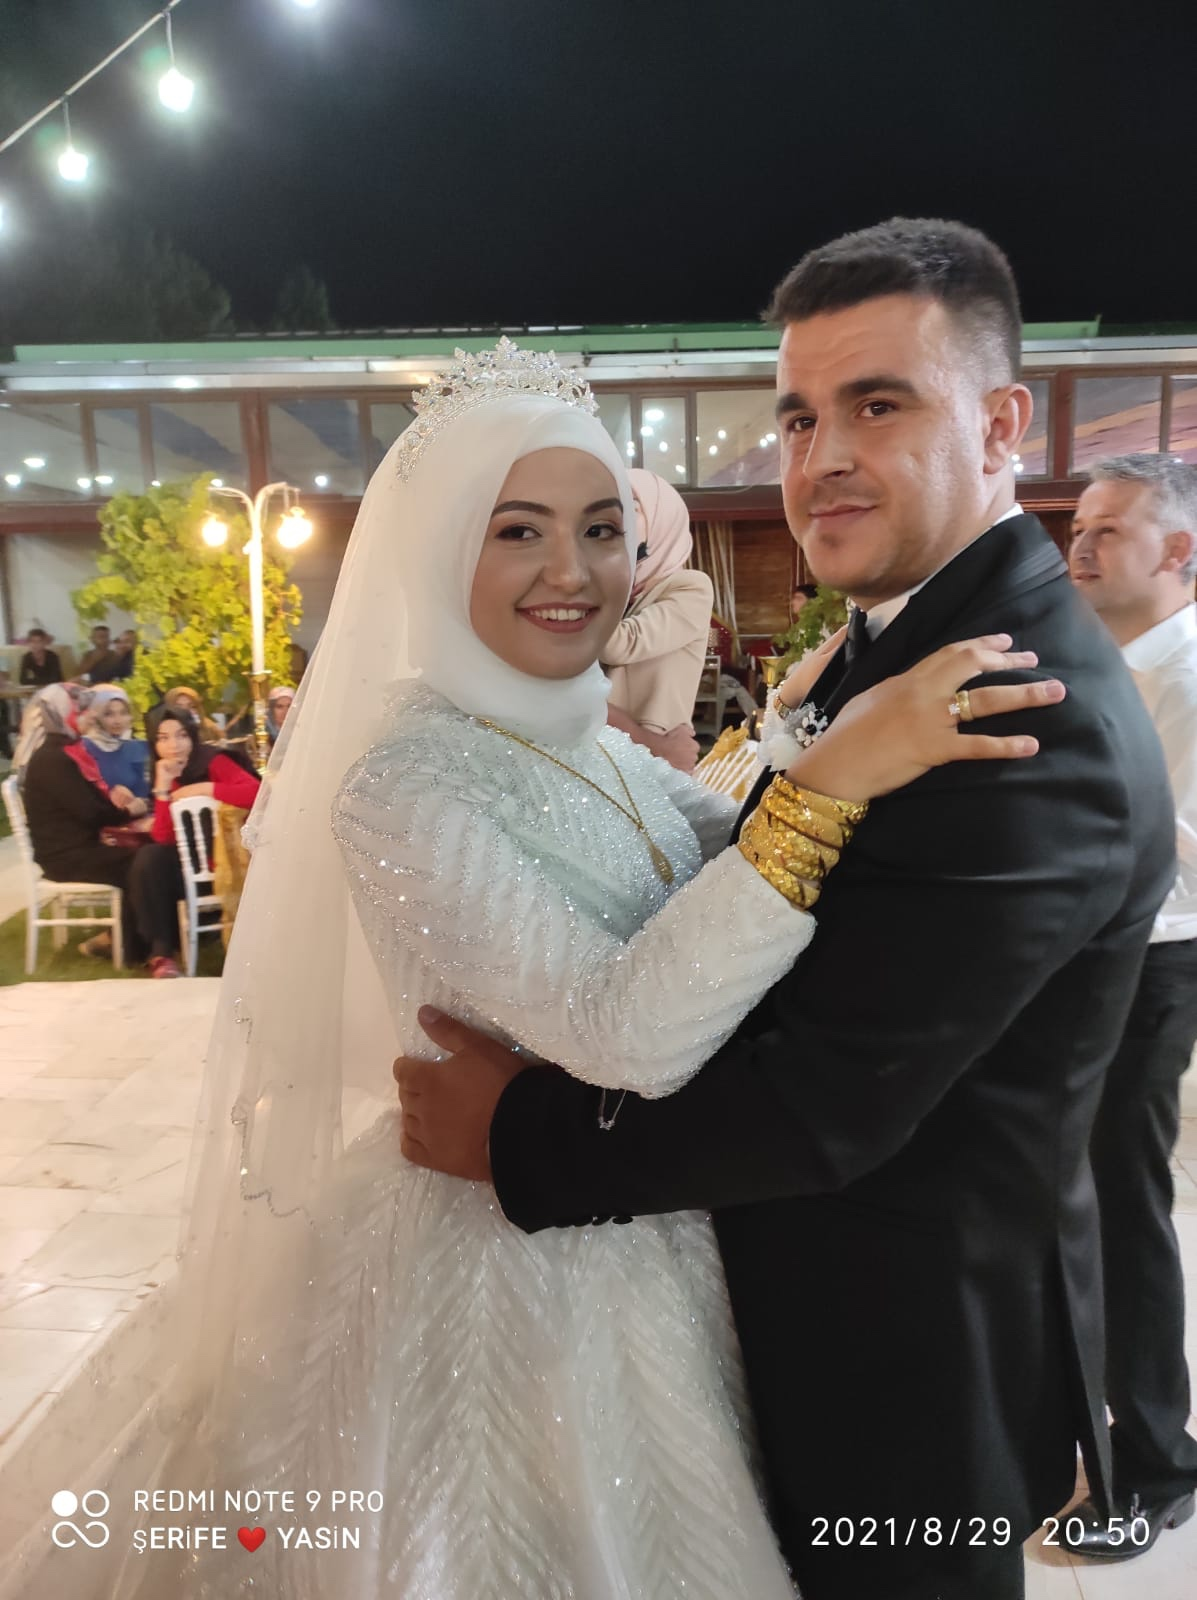 Havvanur Davarcı ile Mevlüt Karayakar evlendiler